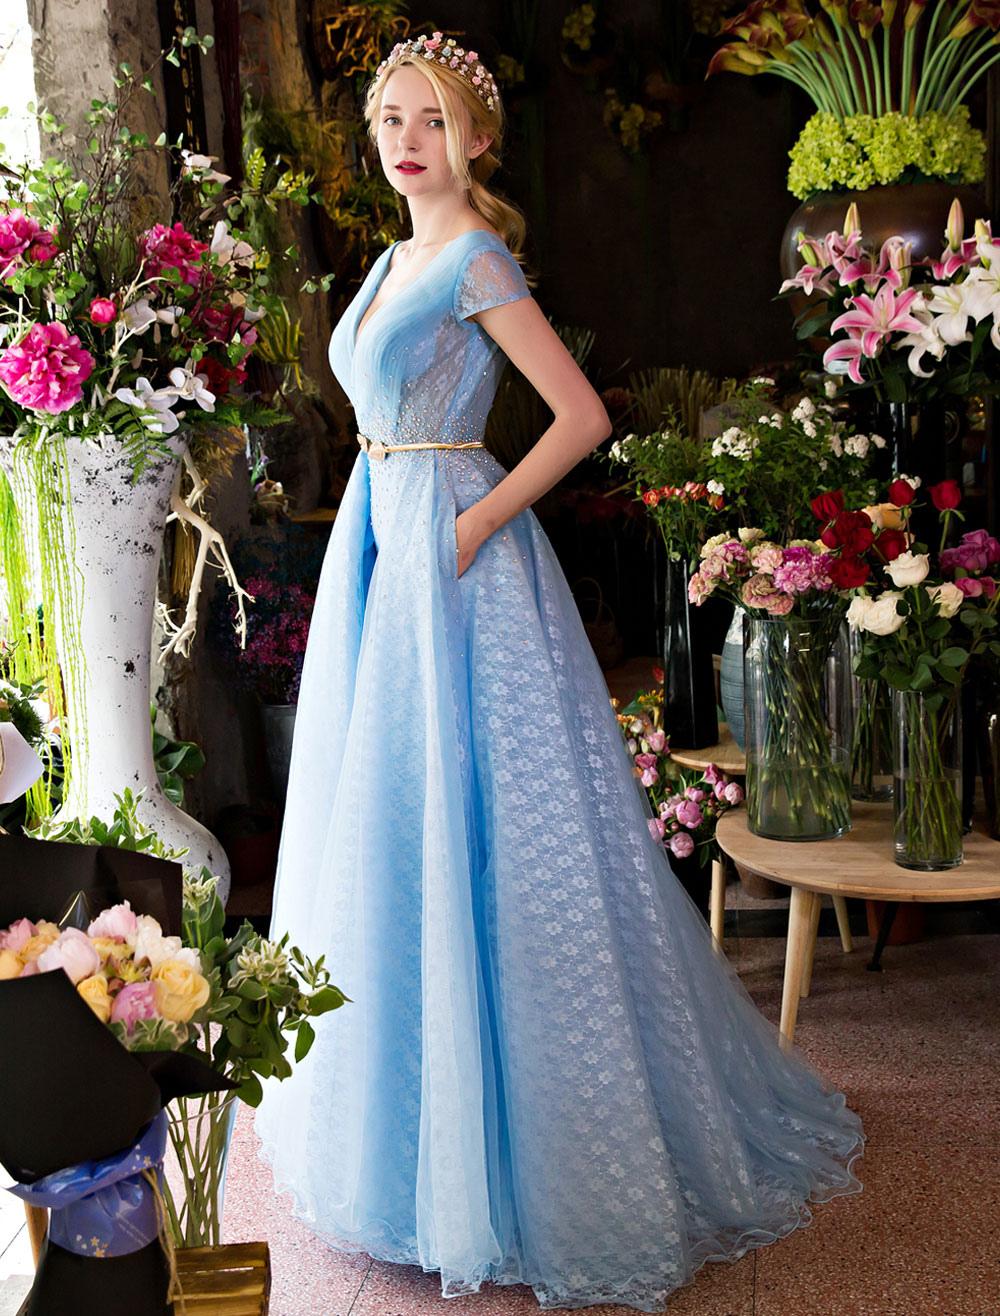 Formelle Anlässe Kleid mit Schnürung 18cm und kurzen Ärmeln und  V-Ausschnitt Babyblau